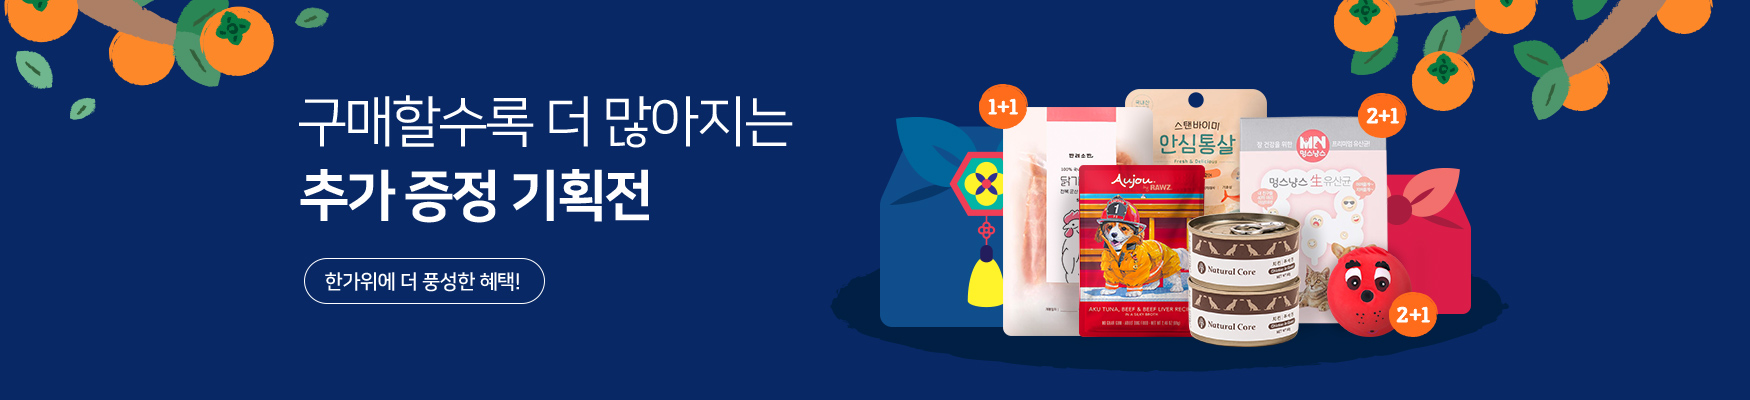 [9월] 추석특집 N+N